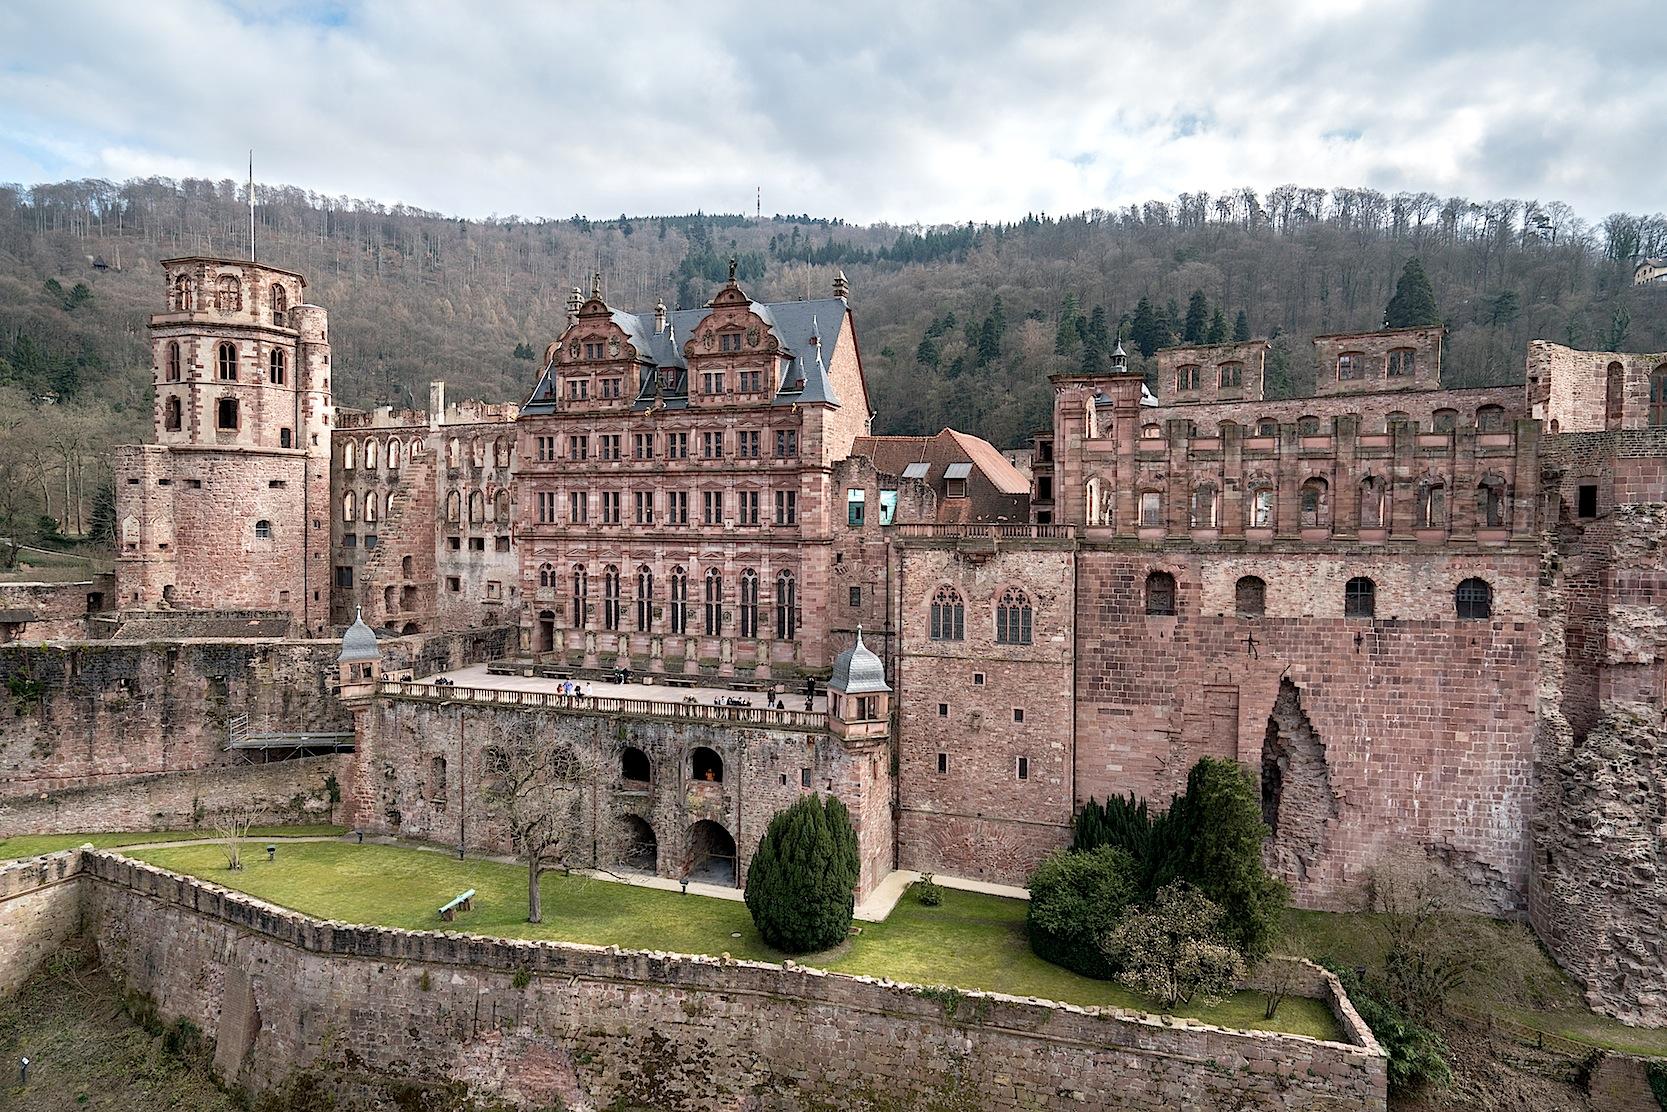 Die Nordseite des Heidelberger Schlosses heute ...